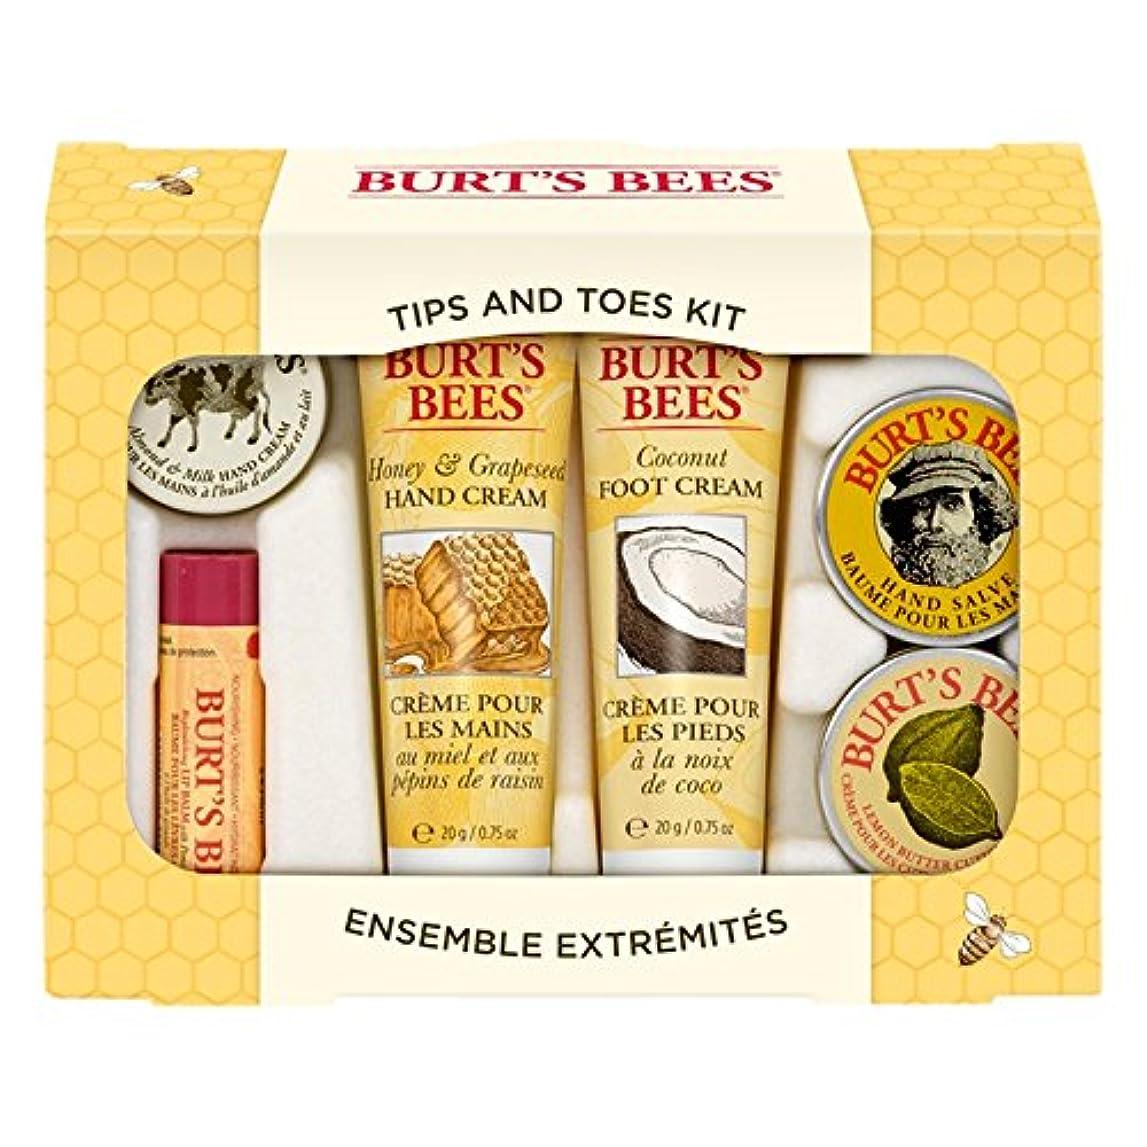 化学めんどりアクティビティバーツビーのヒントとつま先はスターターキットをスキンケア (Burt's Bees) - Burt's Bees Tips And Toes Skincare Starter Kit [並行輸入品]